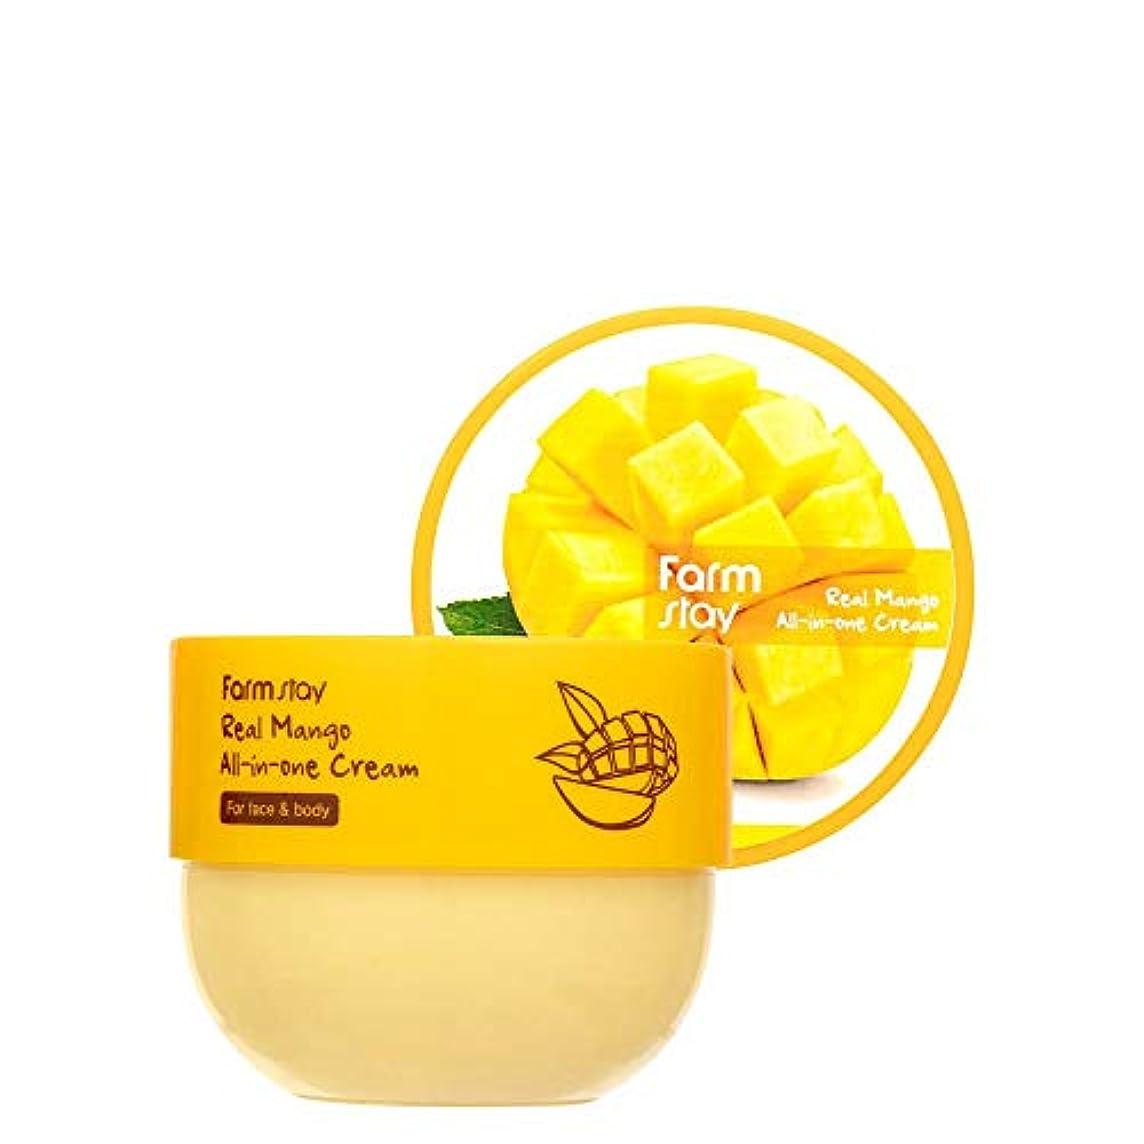 原因惑星したがってファームステイ[Farm Stay] リアルマンゴーオールインワンクリーム 300ml / Real Mango All-in-One Cream